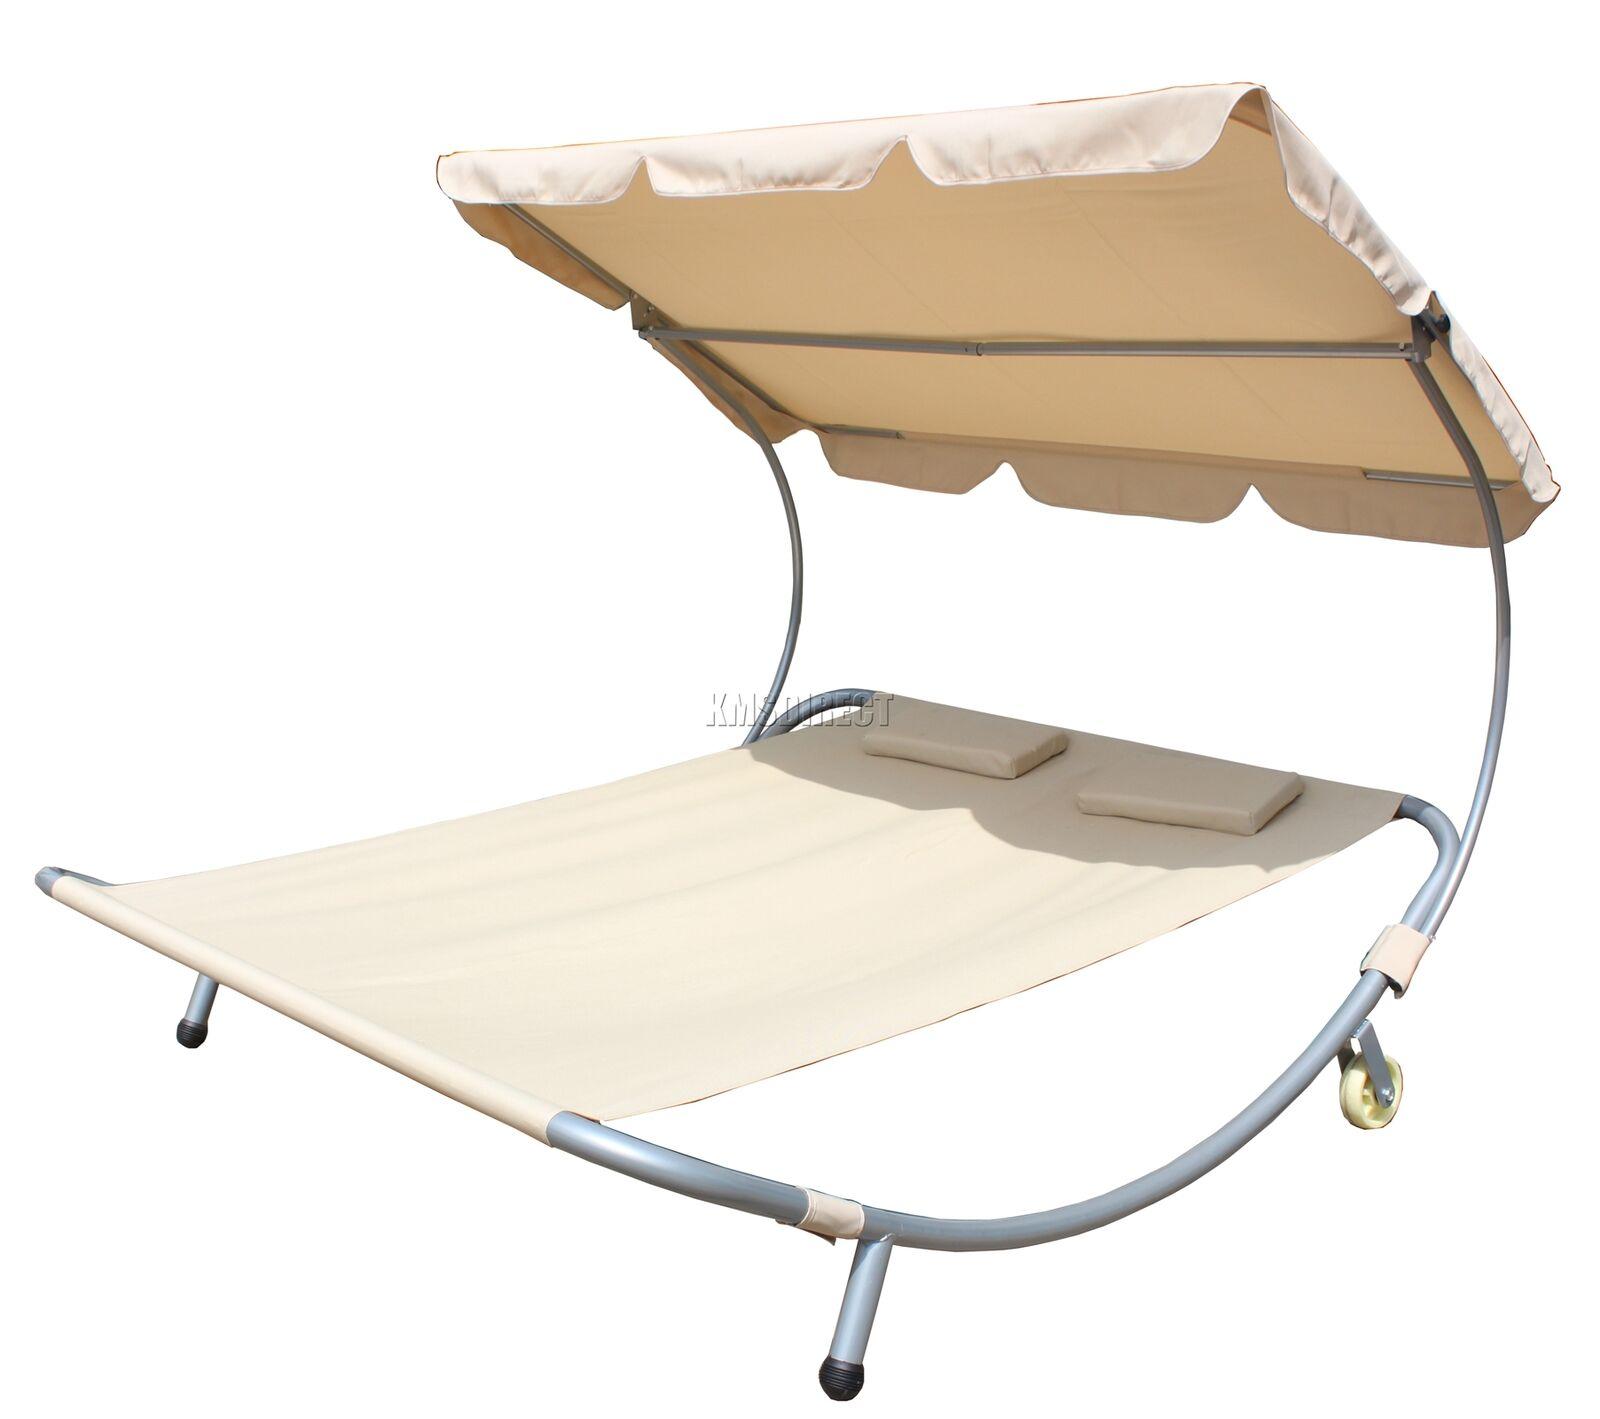 Westwood Patio Giardino Esterni doppio sole reclinabile a letto GIORNO Amaca Canopy Beige